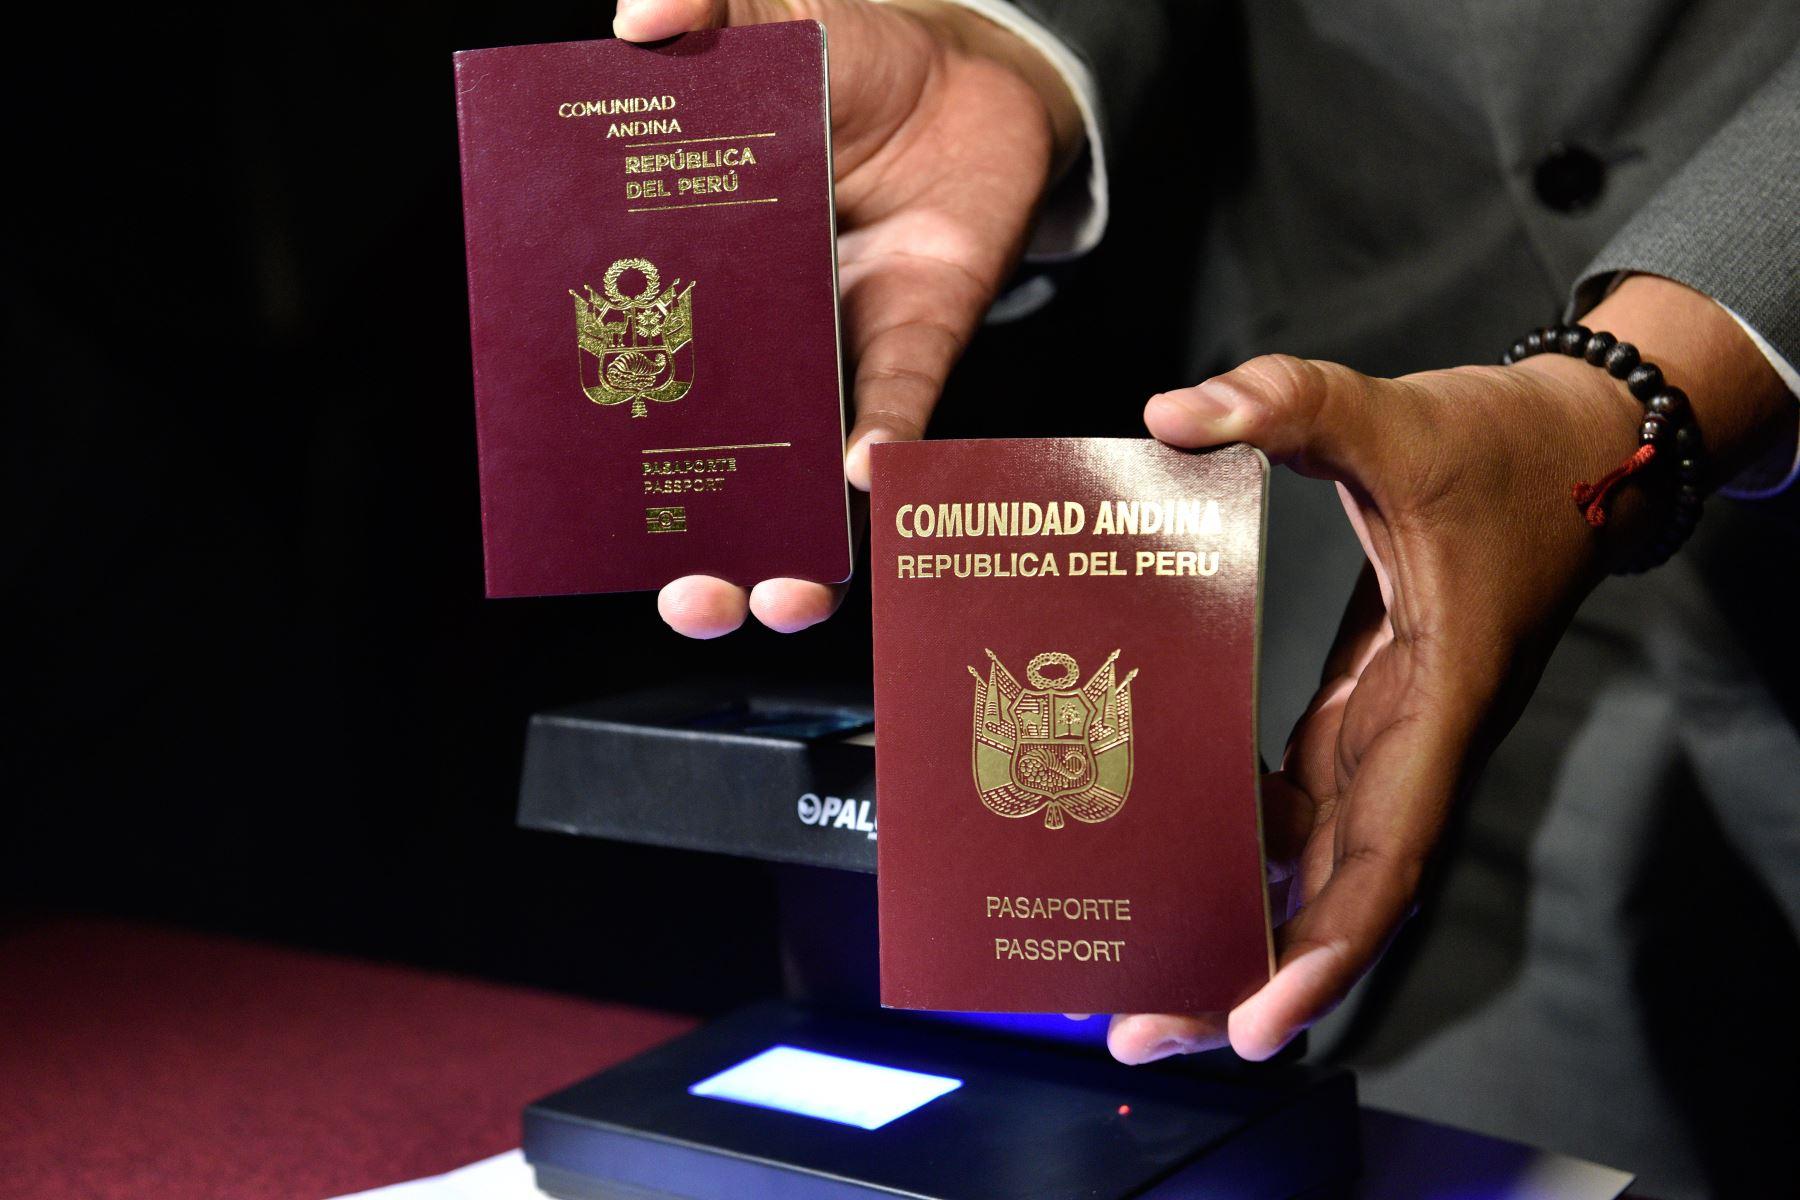 Vas A Viajar Al Extranjero La Sre Emite: Post: Pasaportes Mecanizados Y Electrónicos Son Igual De